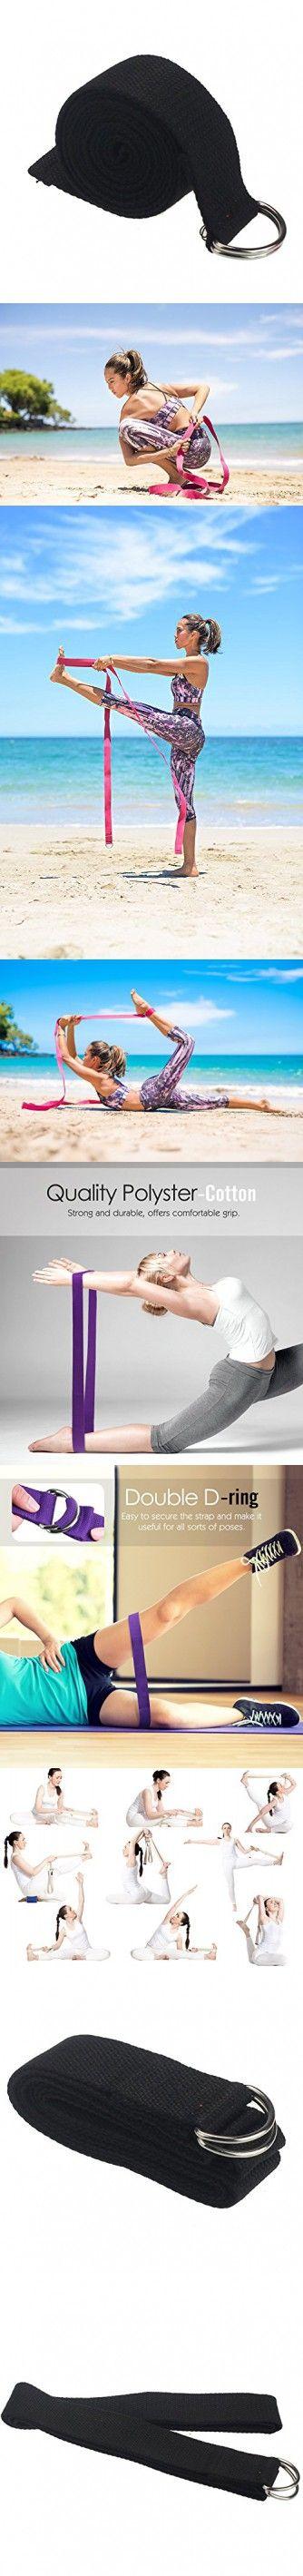 Yoga Straps Emubody 6ft Cotton Fitness Exercise Yoga Strap Yoga Belt D Ring (Black, 6FT)